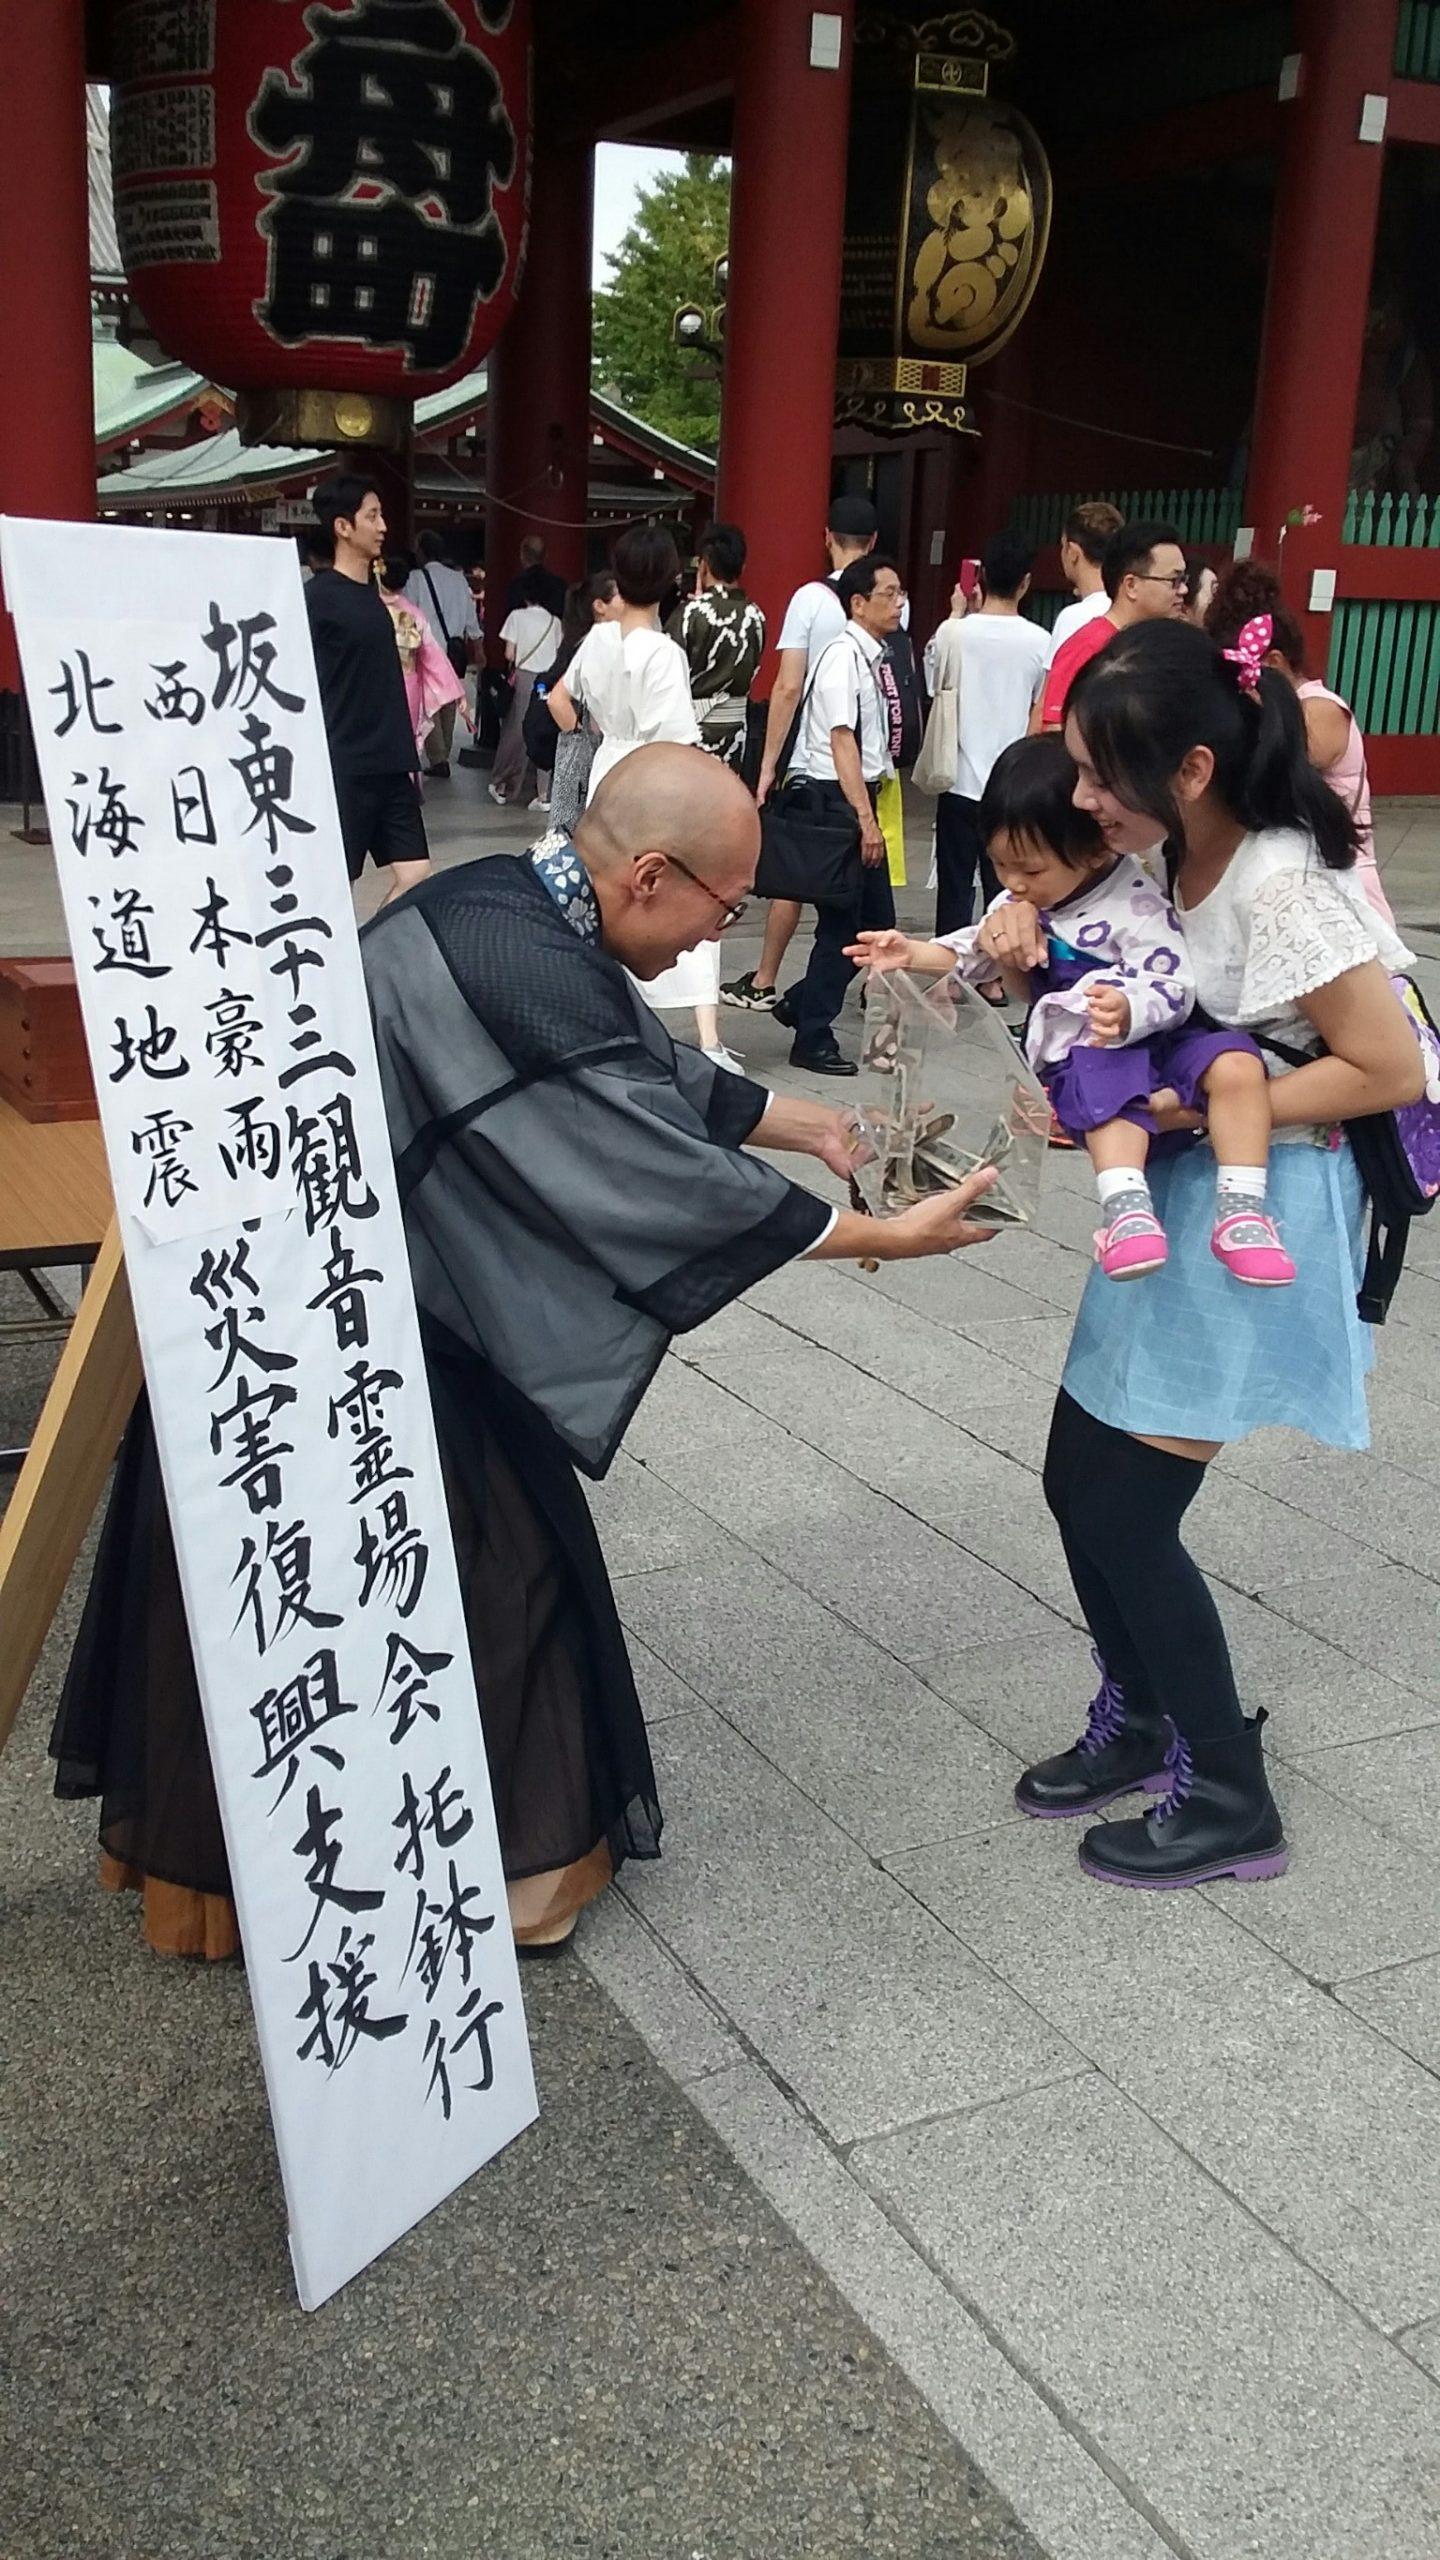 西日本豪雨・北海道地震 復興支援として托鉢を行いました。